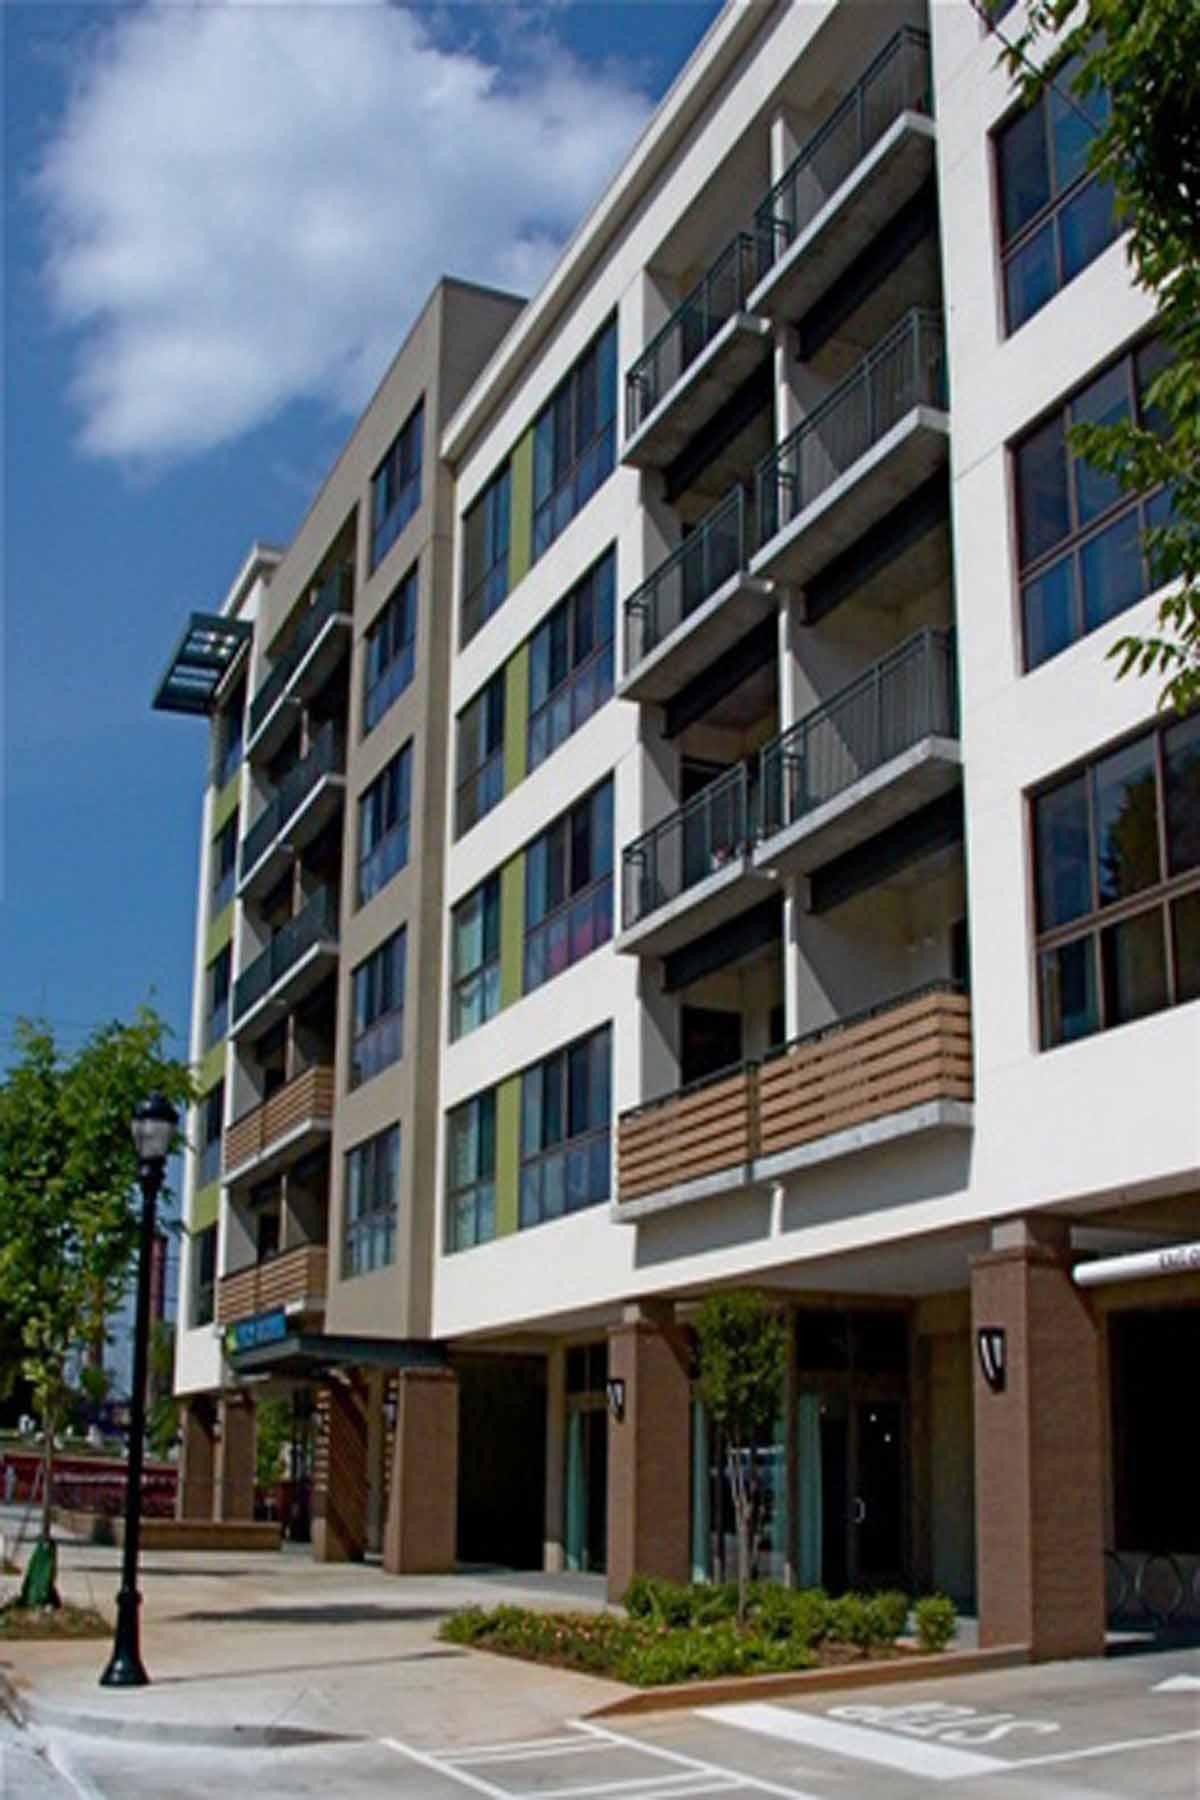 Condominium for Sale at CONDO IN HIP INTOWN ATLANTA LOCATION 563 Memorial Drive Unit 506 Atlanta, Georgia 30312 United States